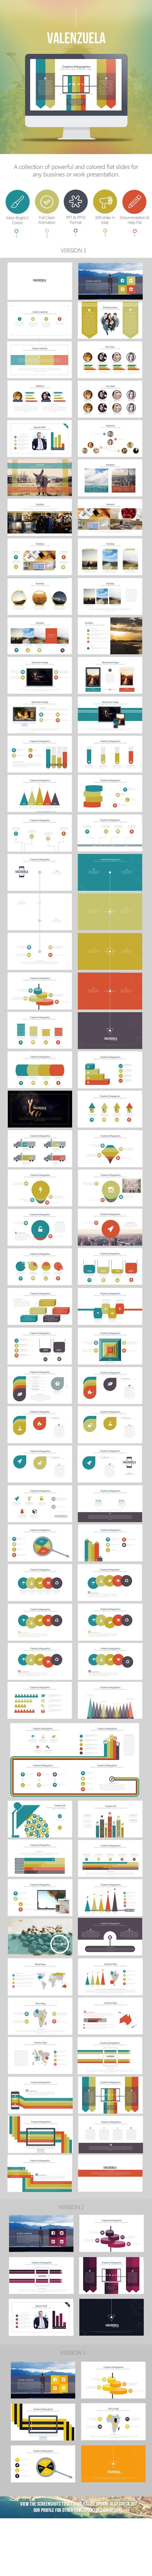 Valenzuela PP  (PowerPoint Templates) Valenzuela 20JPG #Powerpoint #Powerpoint_Template #Presentation